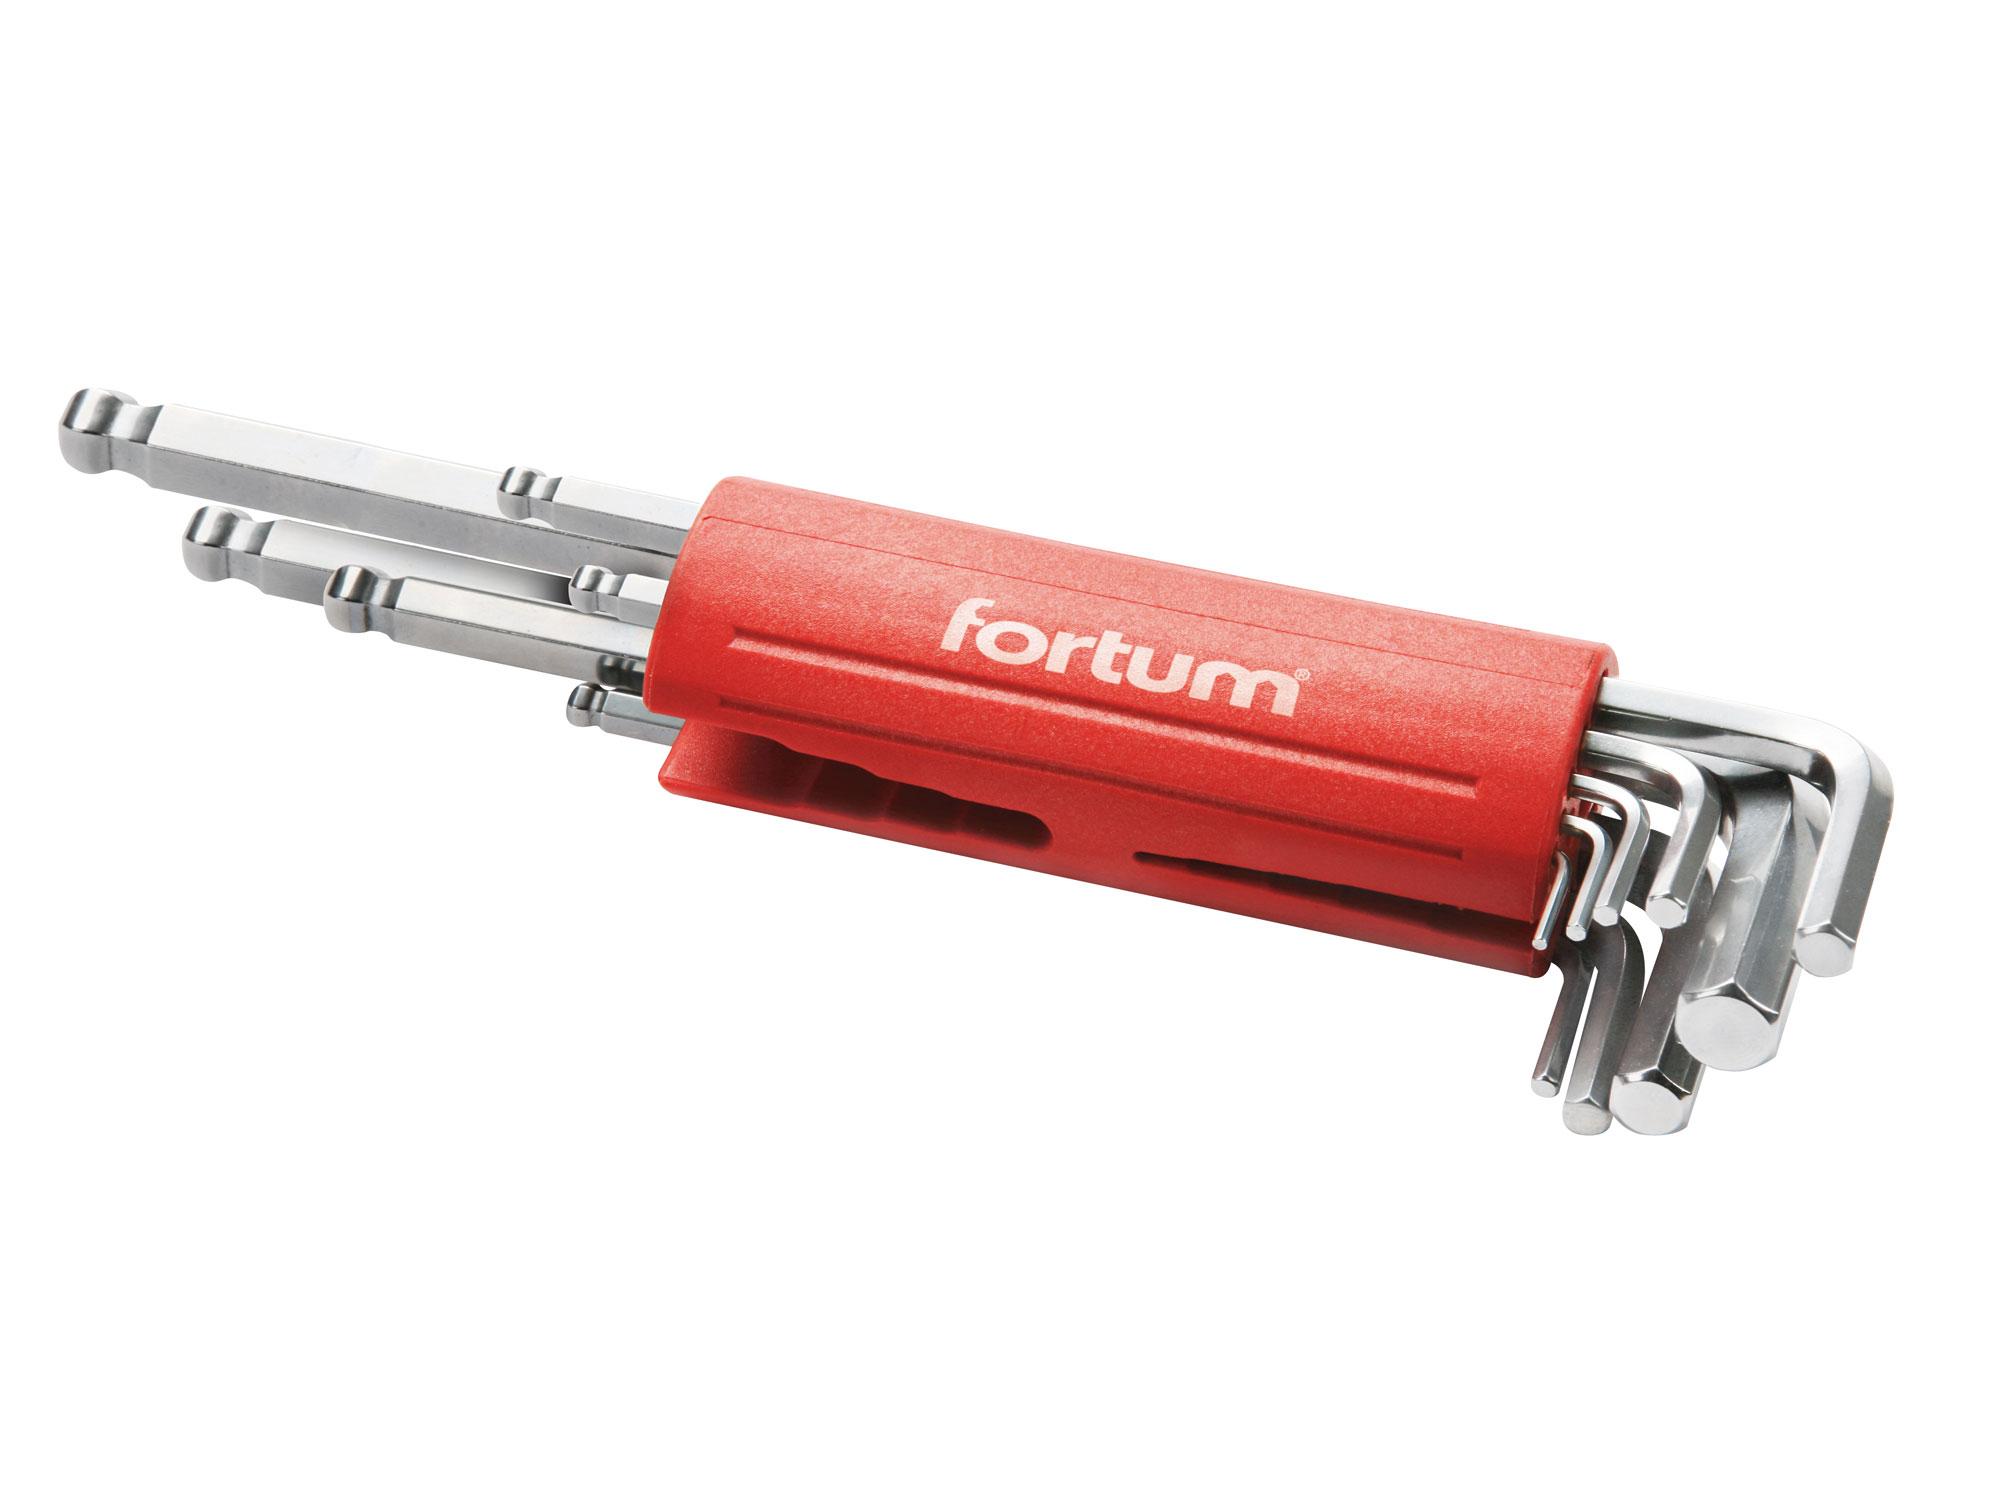 L-klíče imbusové prodloužené, sada 9ks, 1,5-2-2,5-3-4-5-6-8-10mm, S2